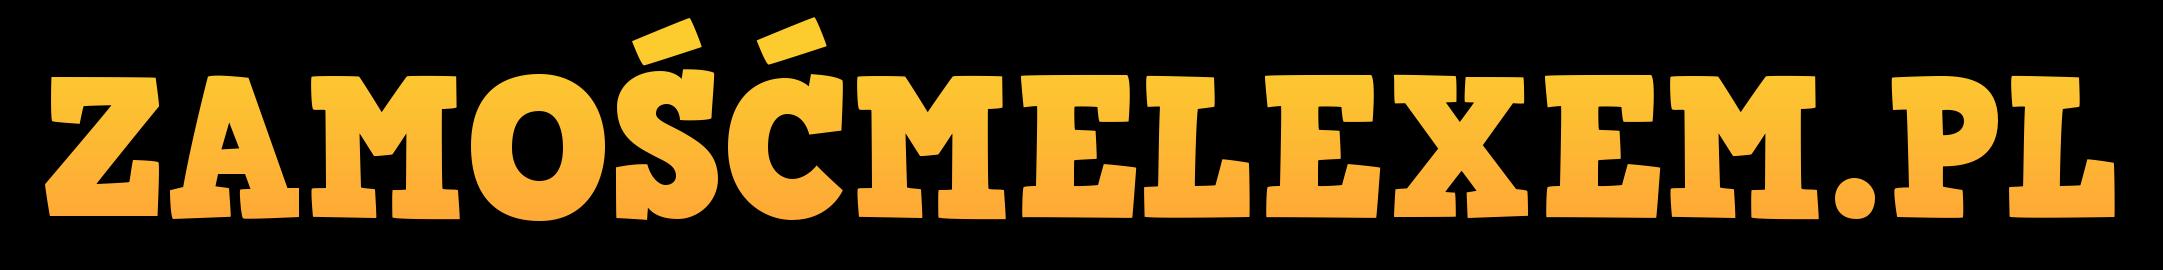 ZAMOŚĆMELEXEM – Zwiedzaj Zamość Melexem!